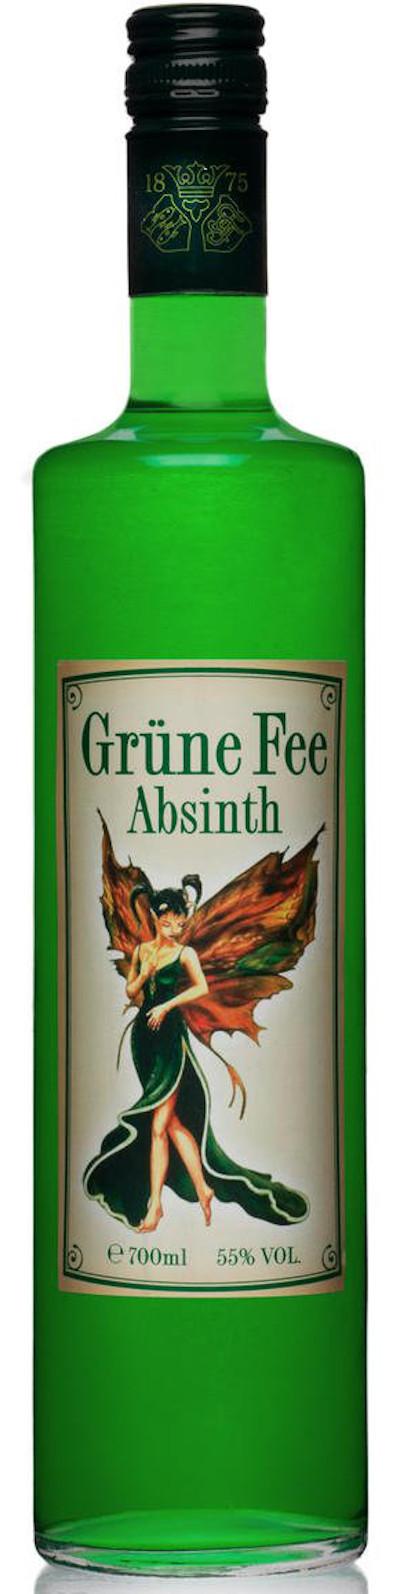 F. Fischer - Grüne Fee Absinthe